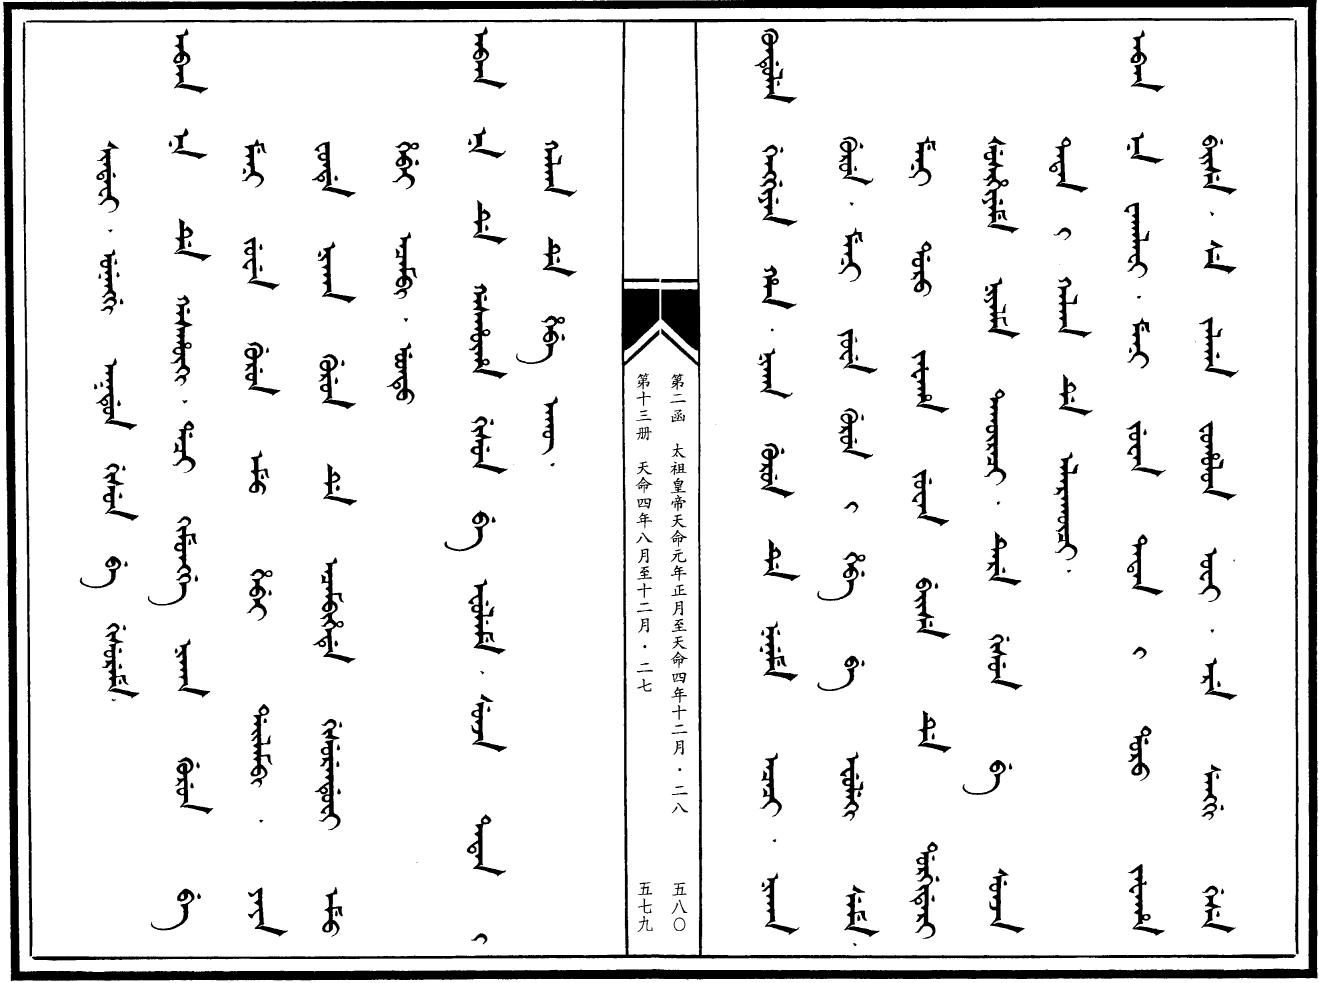 만주어 만문노당 272부-몽고여 동맹 파기는 죽음이다!